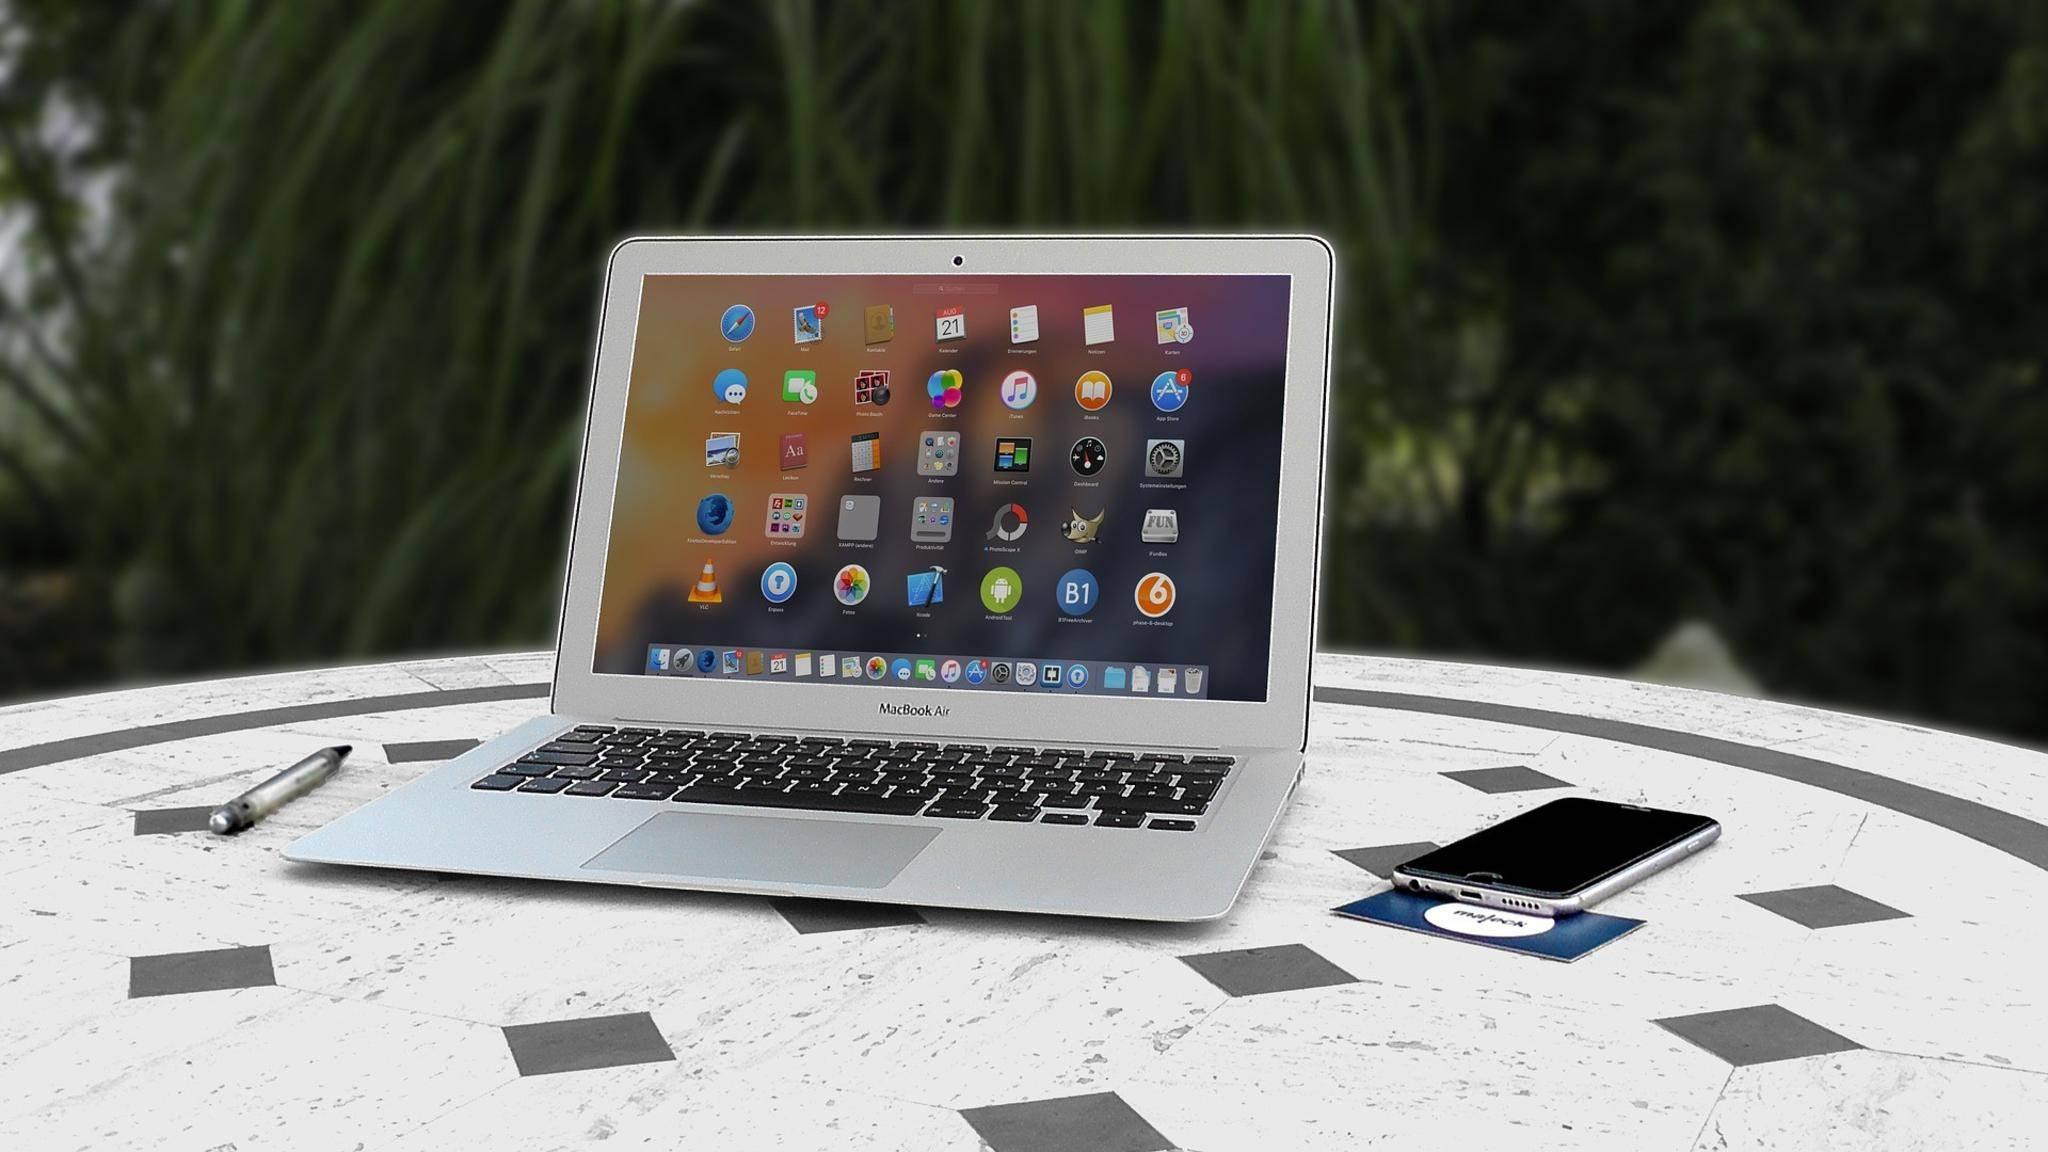 Eine fiese Spyware spionierte seit Jahren unbemerkt auf Macs.